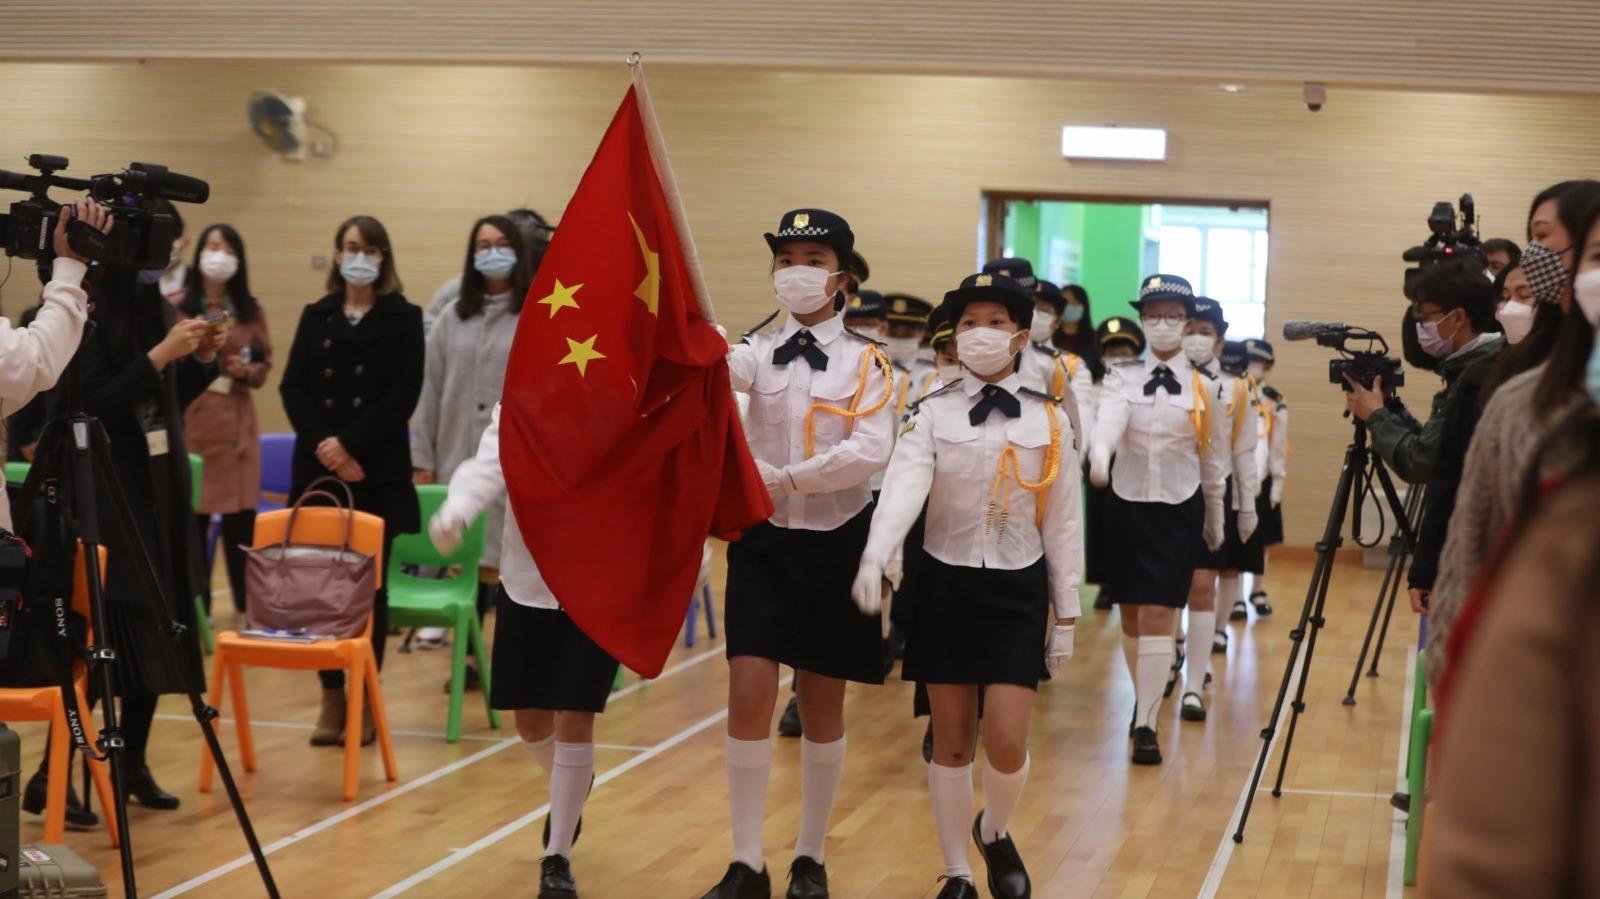 國家憲法日 香港教育工作者聯會黃楚標學校舉行升旗儀式